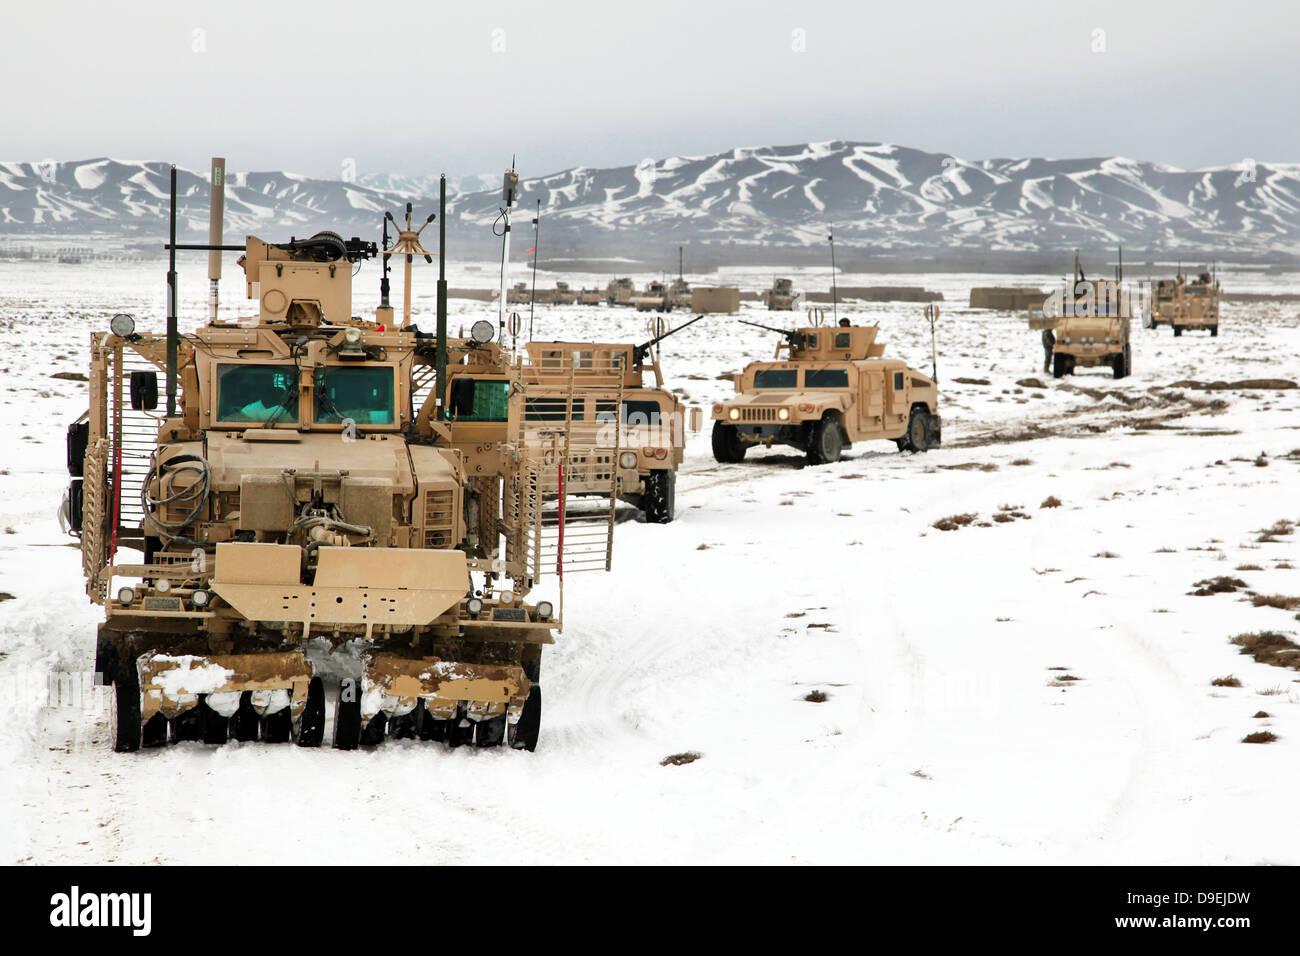 Un convoi de véhicules au cours d'une procédure de compensation route en Afghanistan. Photo Stock